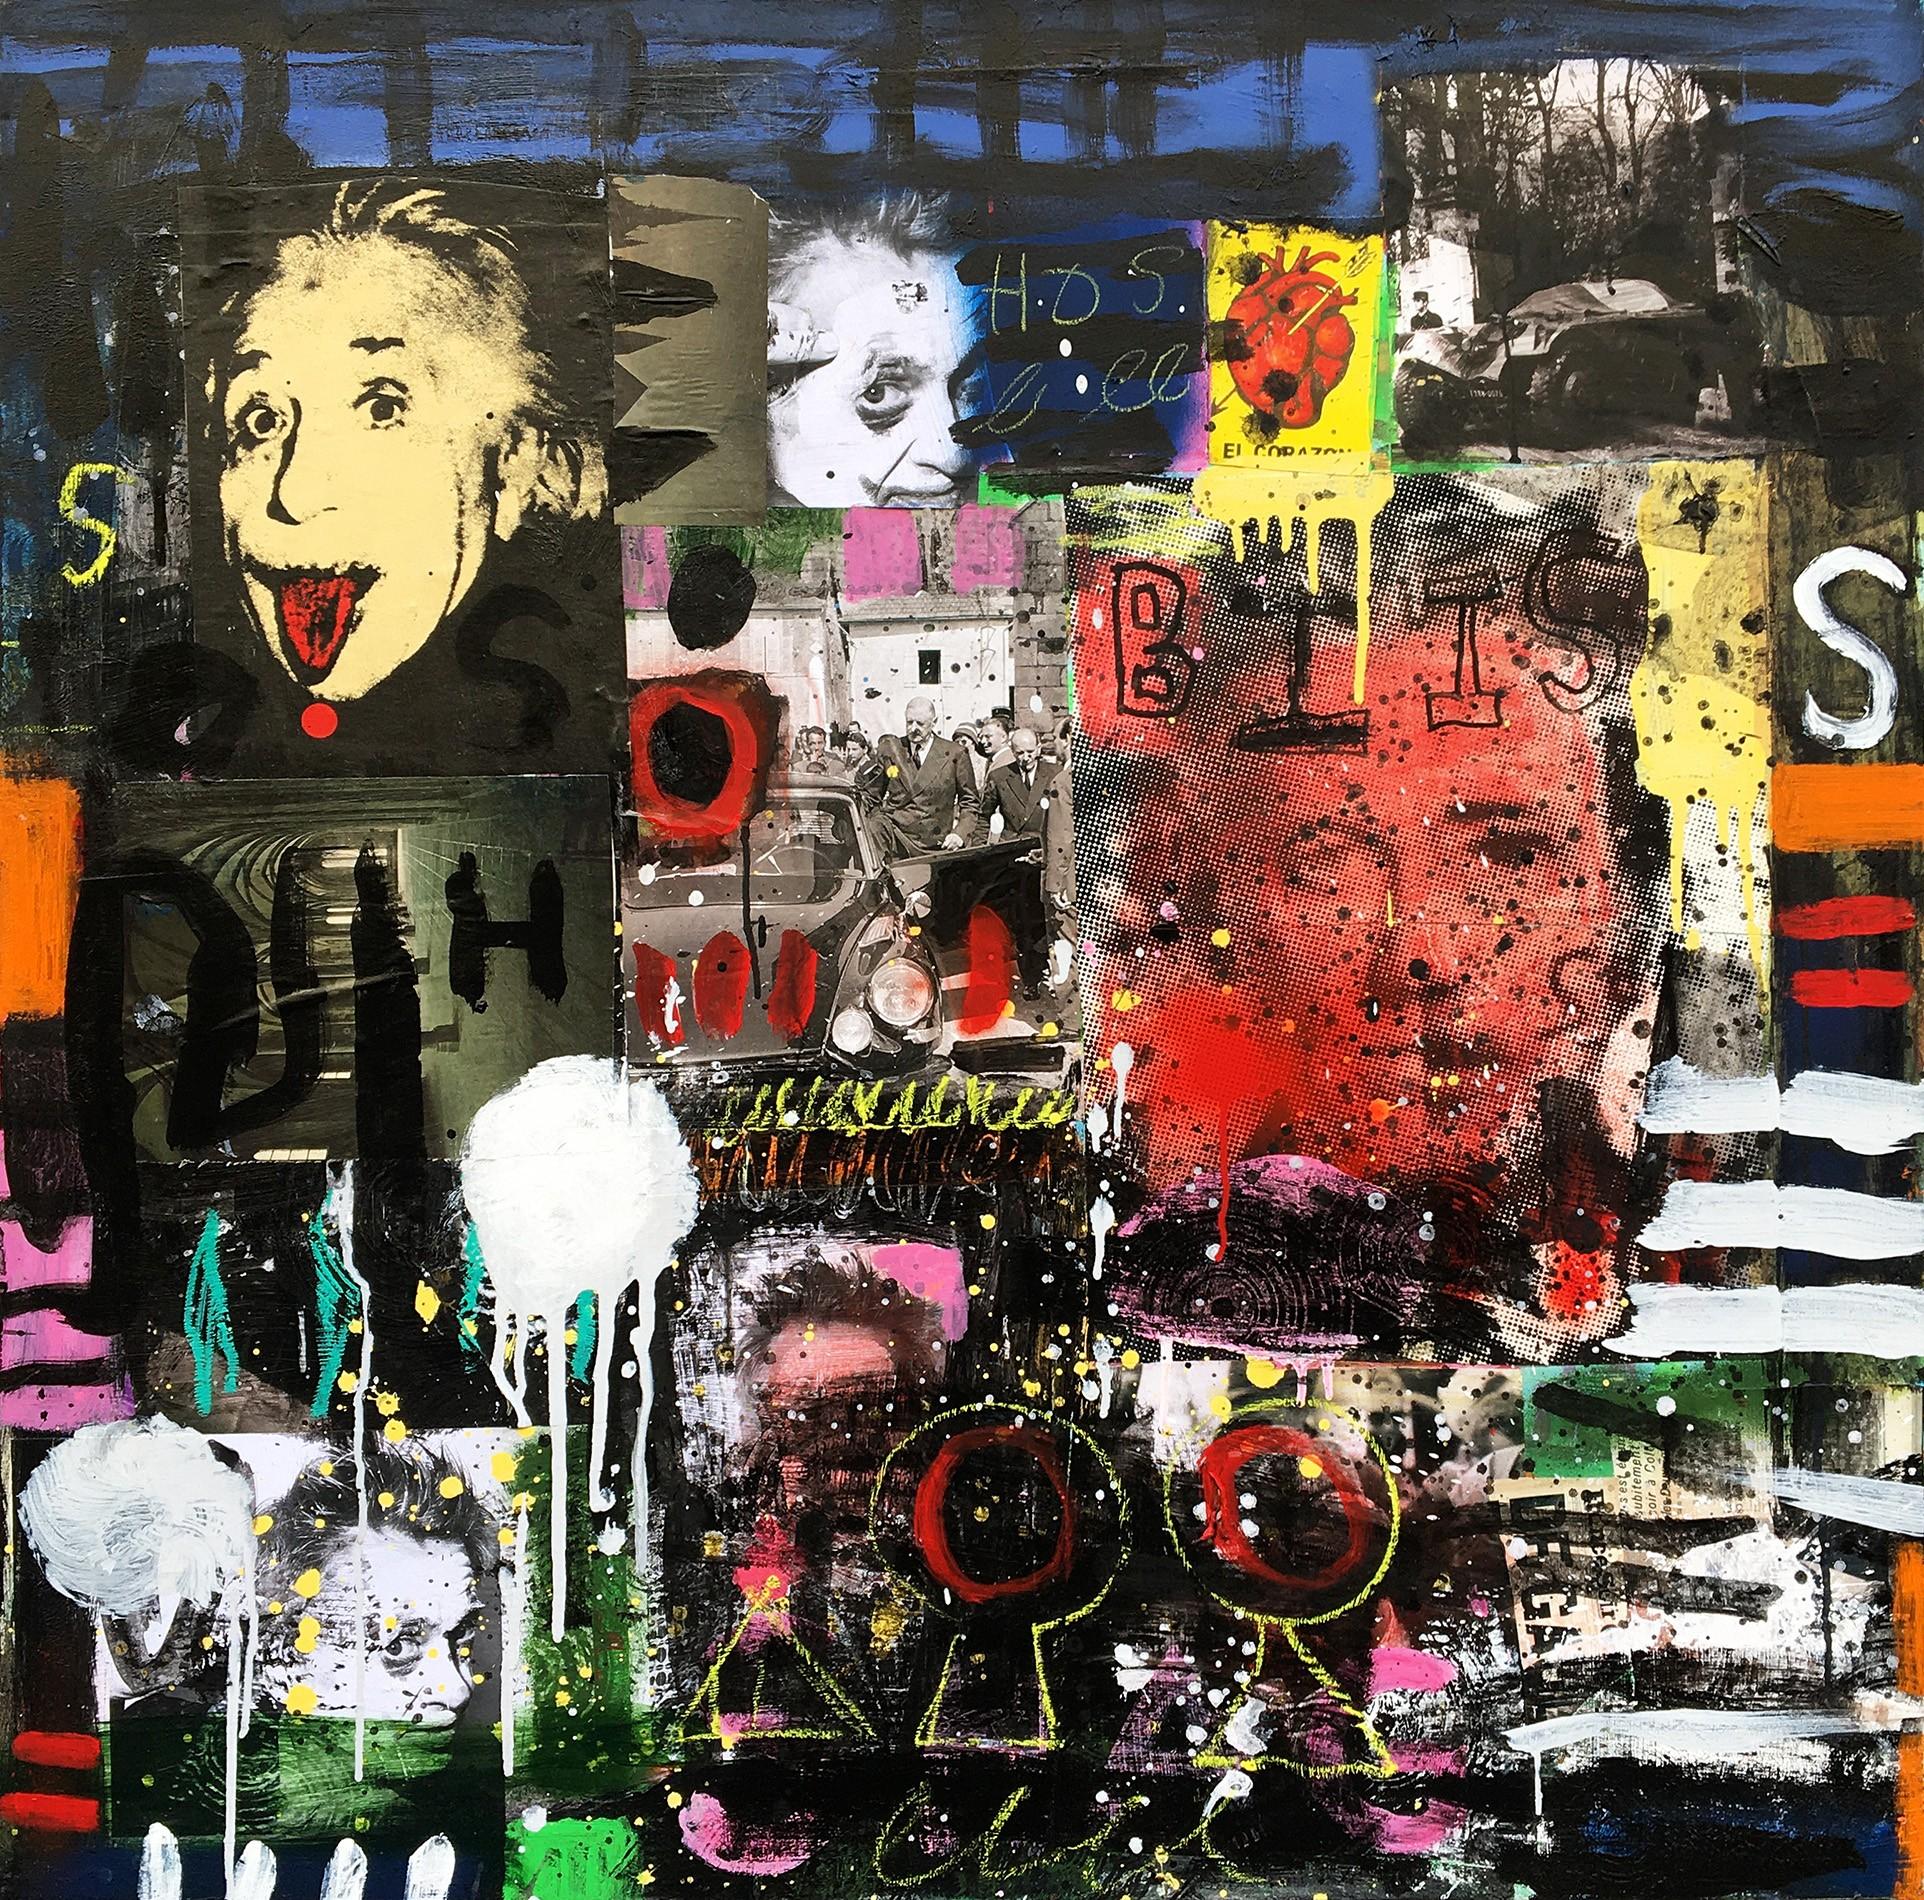 Troy Henriksen - Still thinking of an Einstein and me